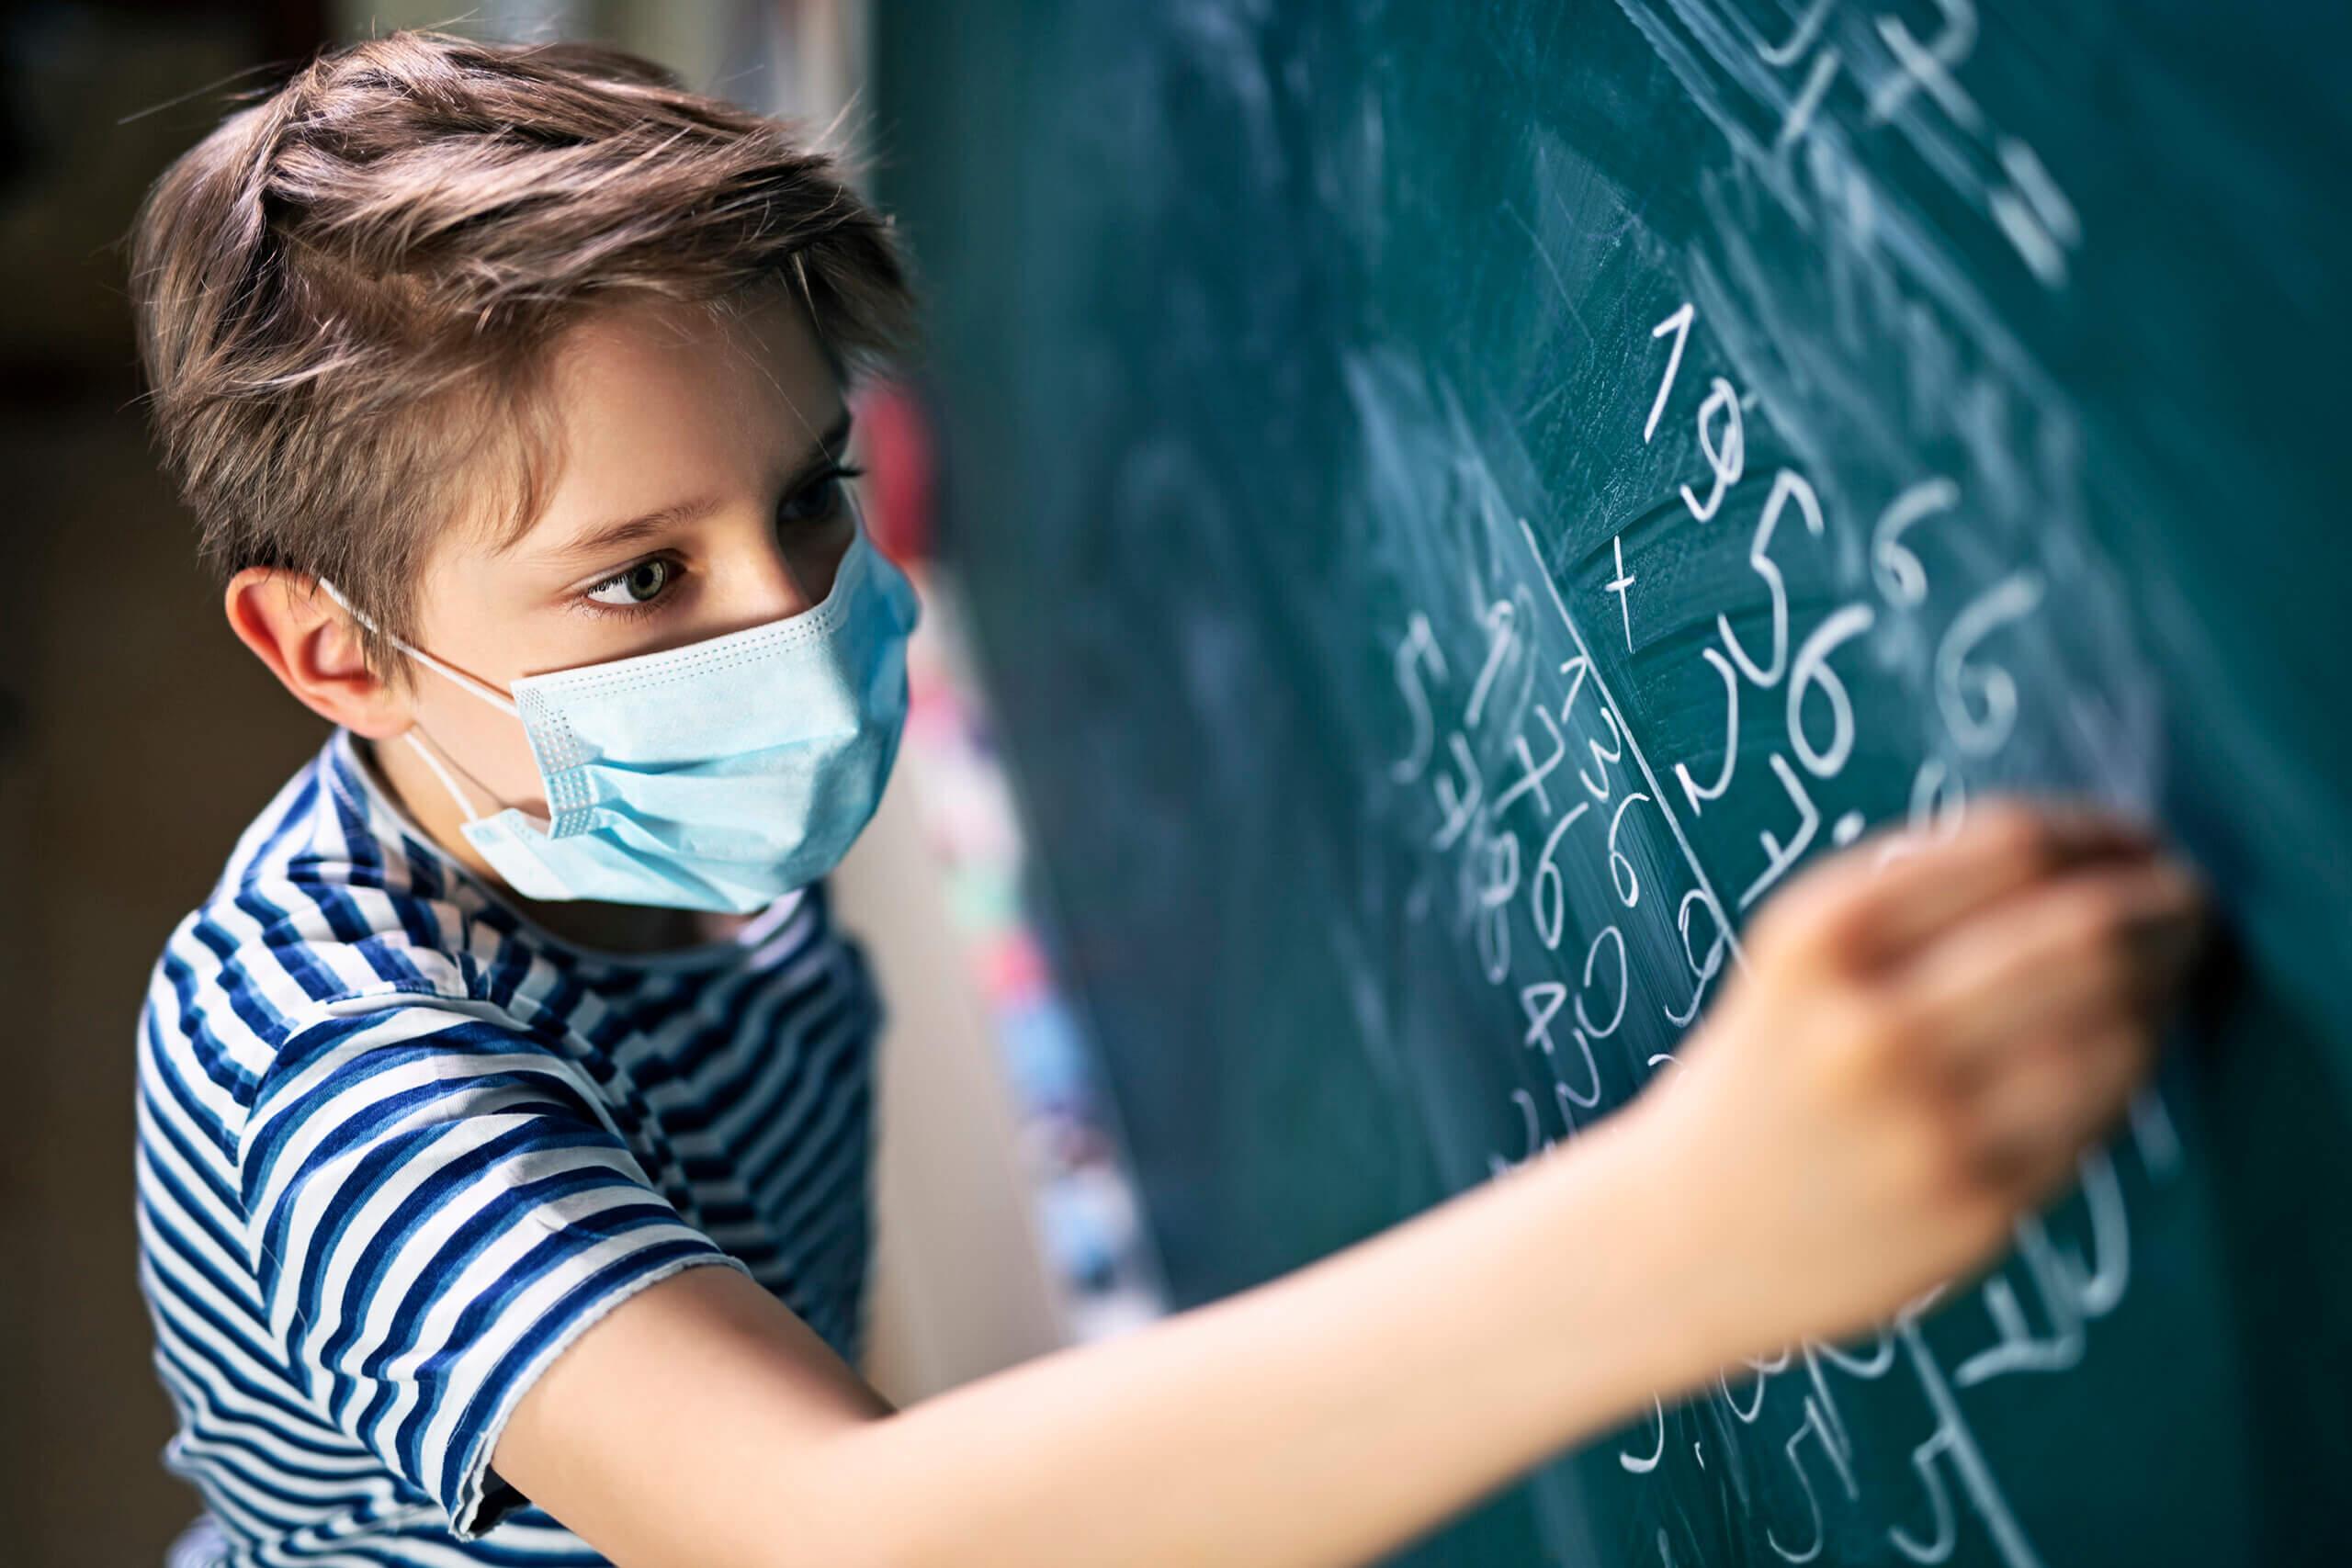 Kindermaske hergestellt in Deutschland